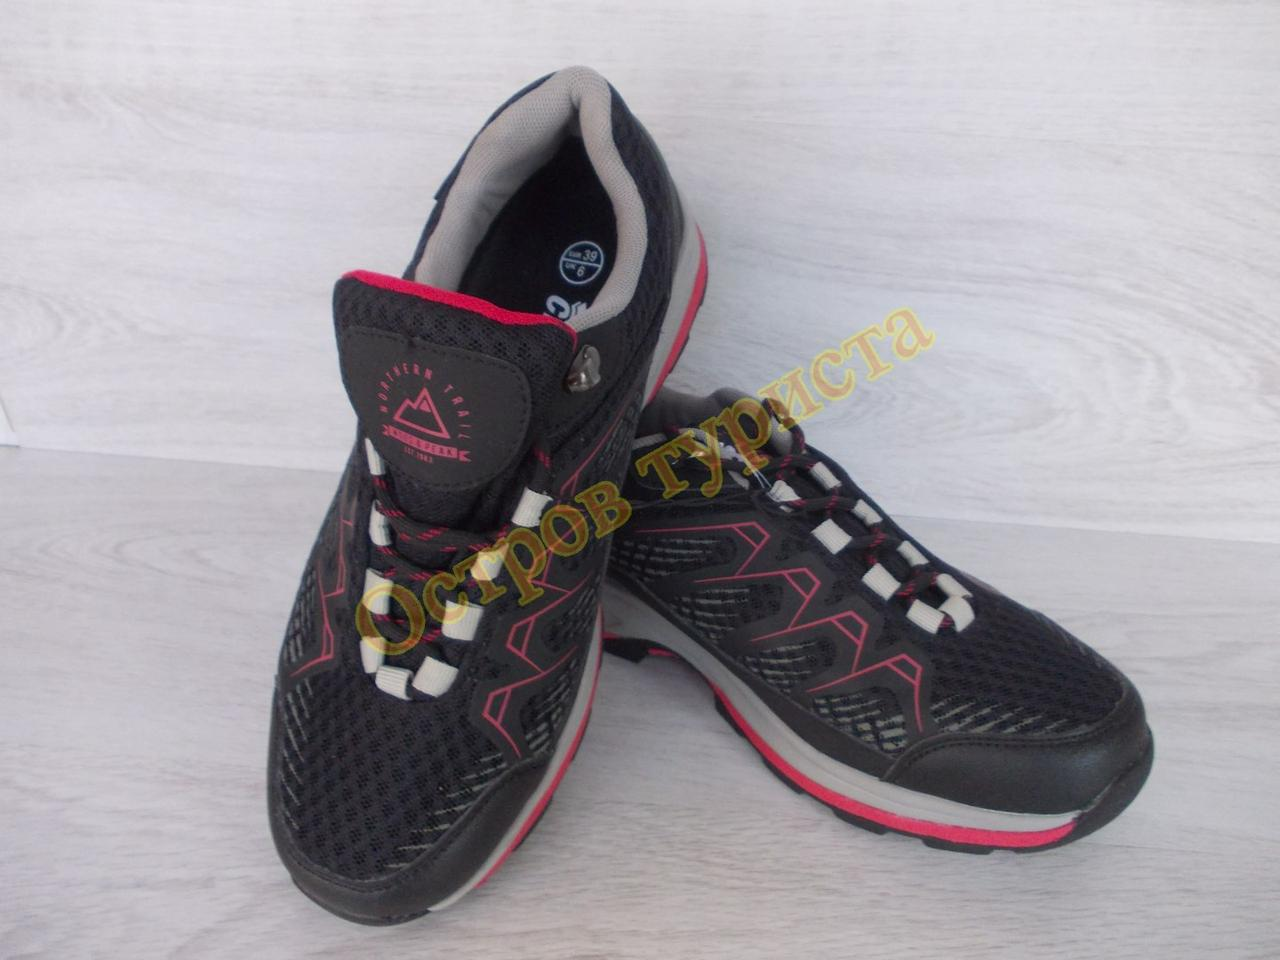 Трекінгові кросівки crivit Waterproof 309143 розмір 39 устілка 25.5 см чорні